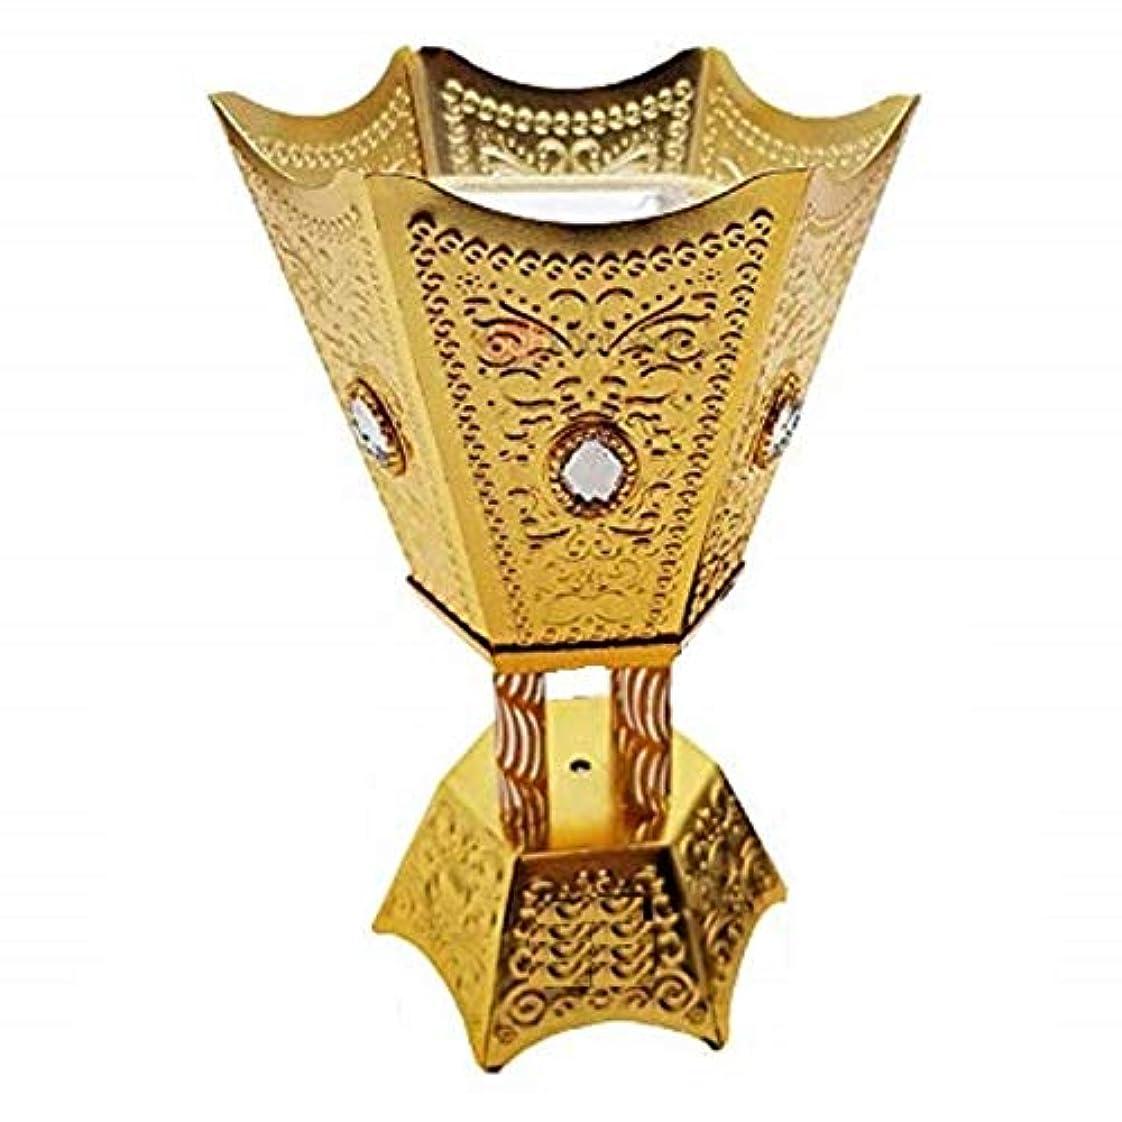 気楽な経度気になるOMG-Deal Incense Burner Charcoal Bakhoor Frankincense Resin – Luxury Hand Painted Burner - WF -001 Golden